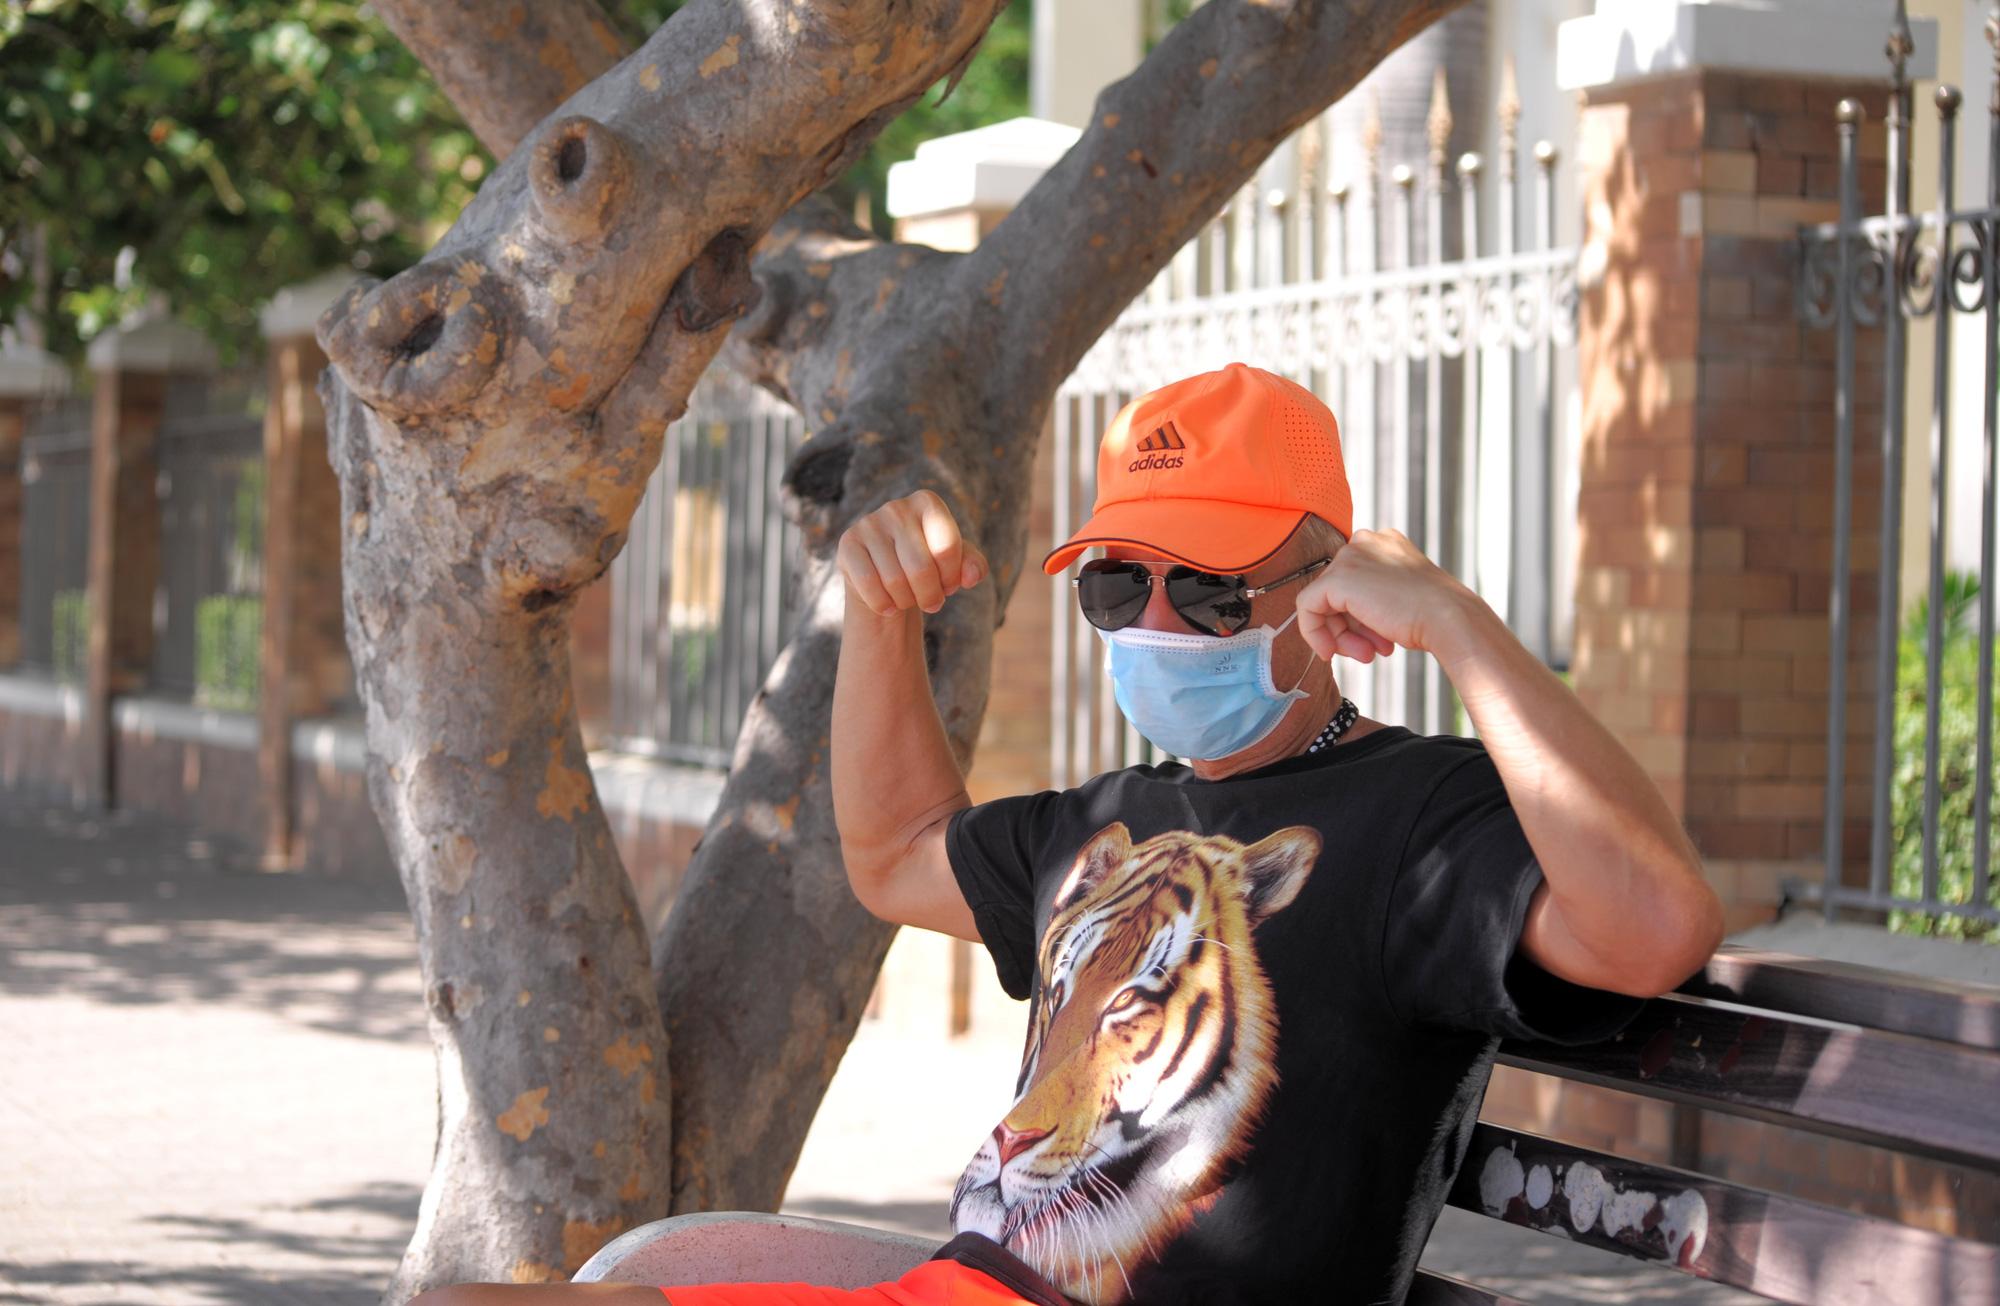 Du khách đeo khẩu trang tập luyện thể thao khi Nha Trang tạm ngừng tắm biển và đóng cửa các điểm vui chơi - Ảnh 11.